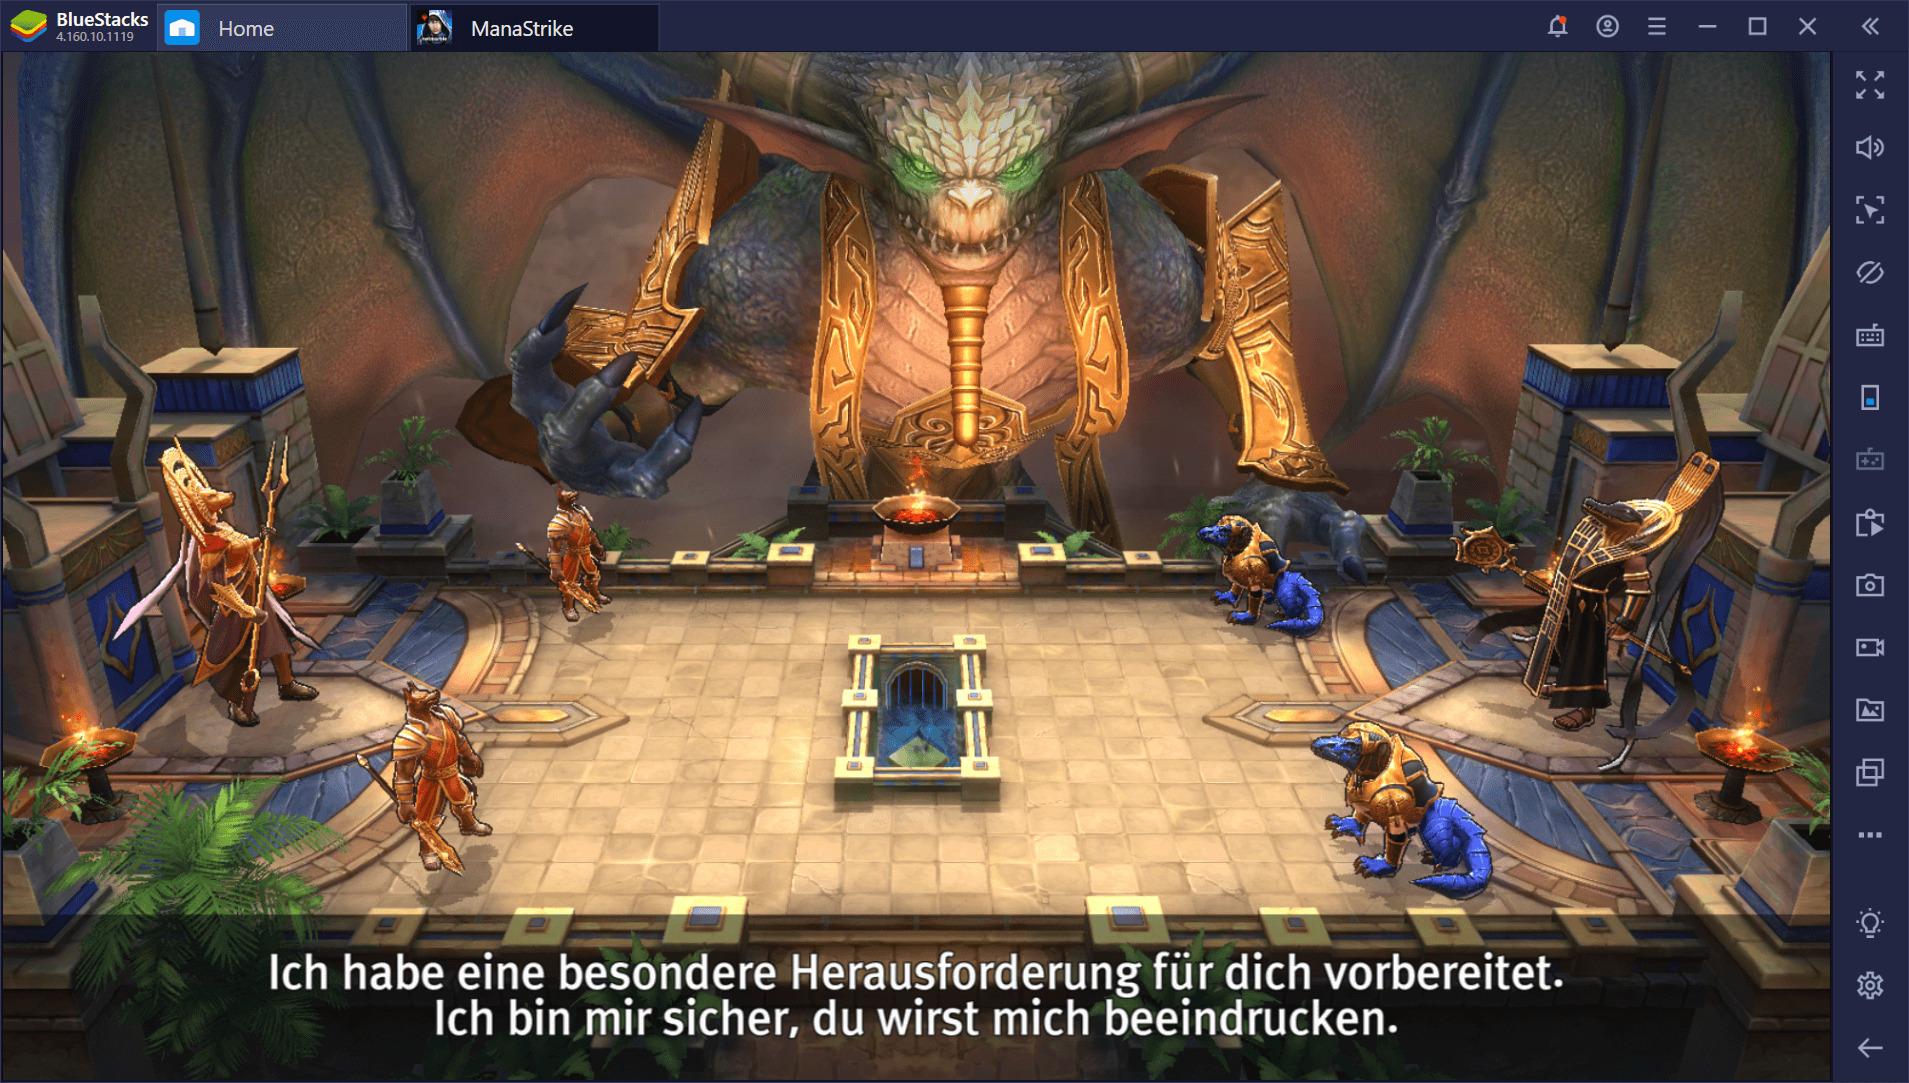 Ein erster Blick auf Magic: ManaStrike auf dem PC